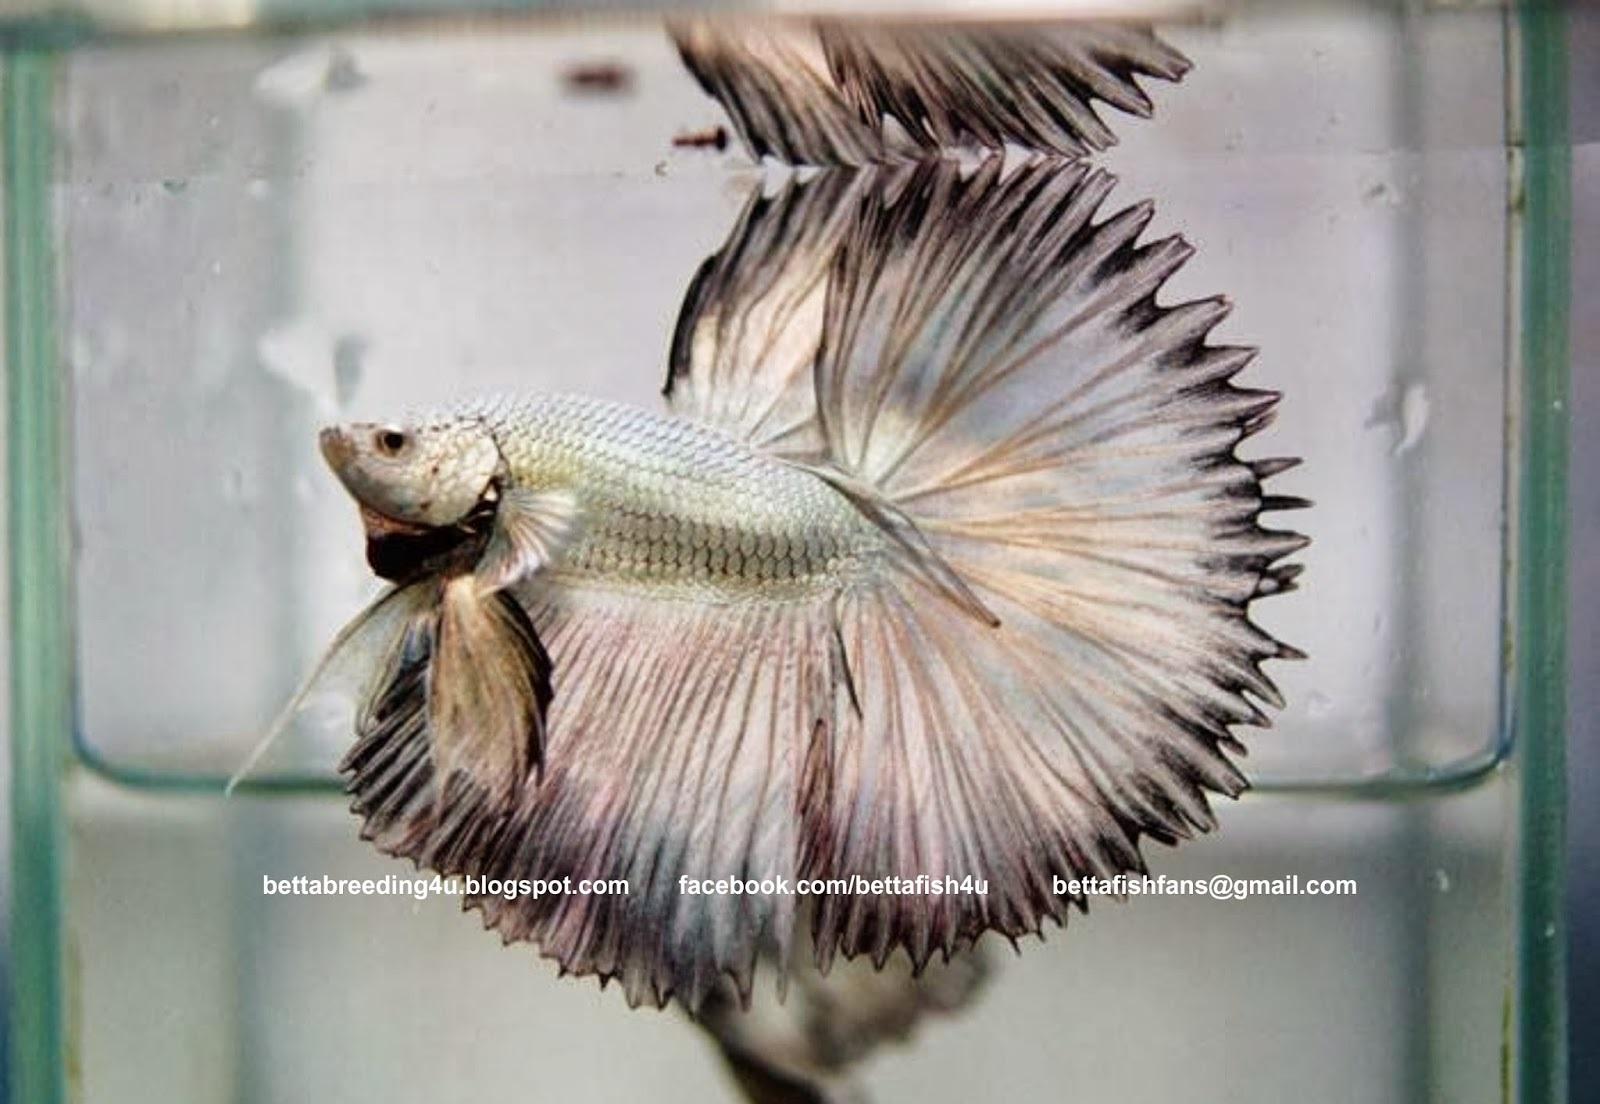 Ikan Cupang Combtail - Combtail Betta - Ikanhiasku.net